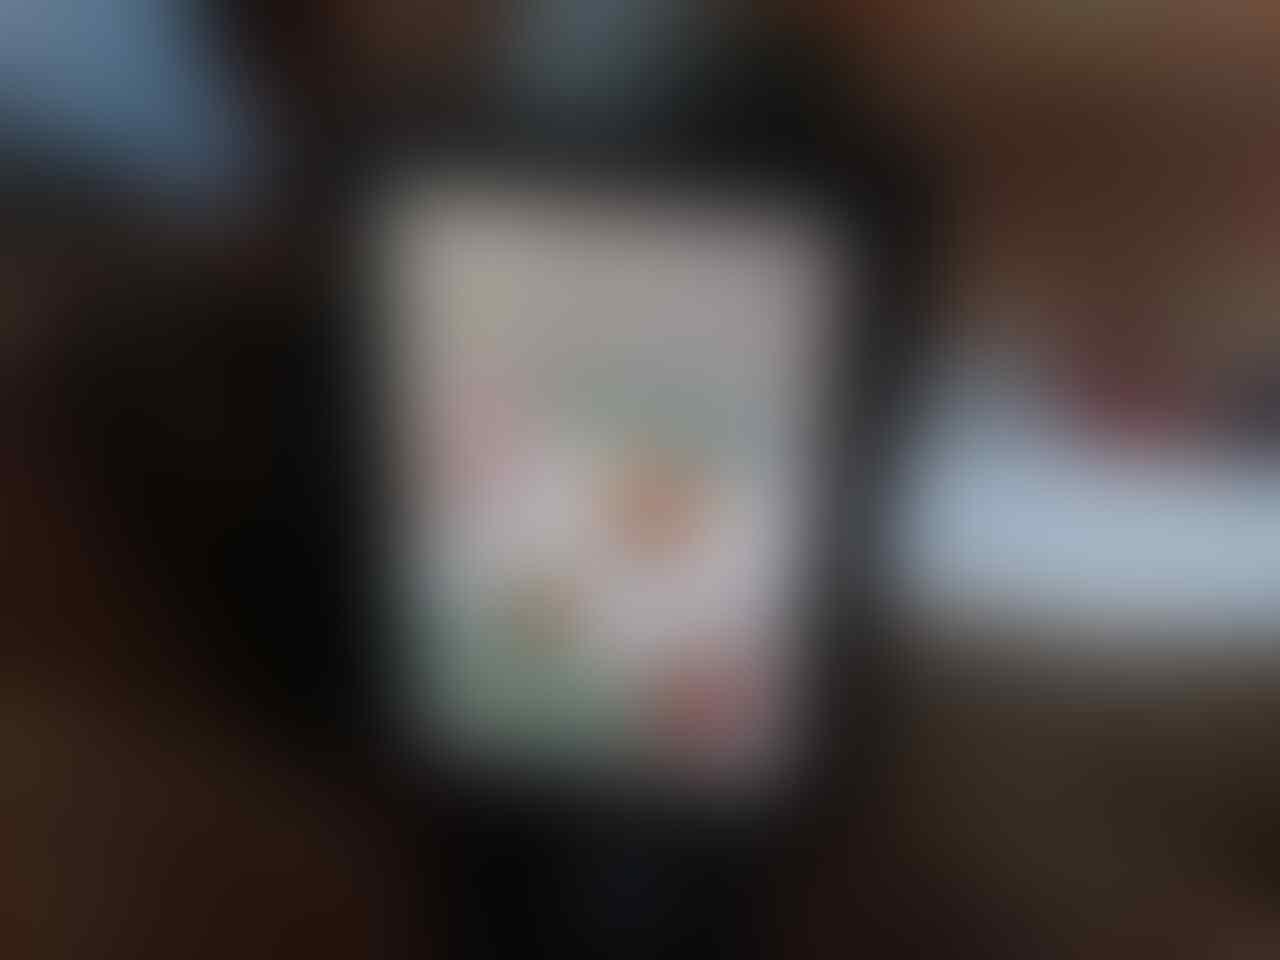 [REVIEW] OPPO A3S - SMARTPHONE KECE DARI OPPO